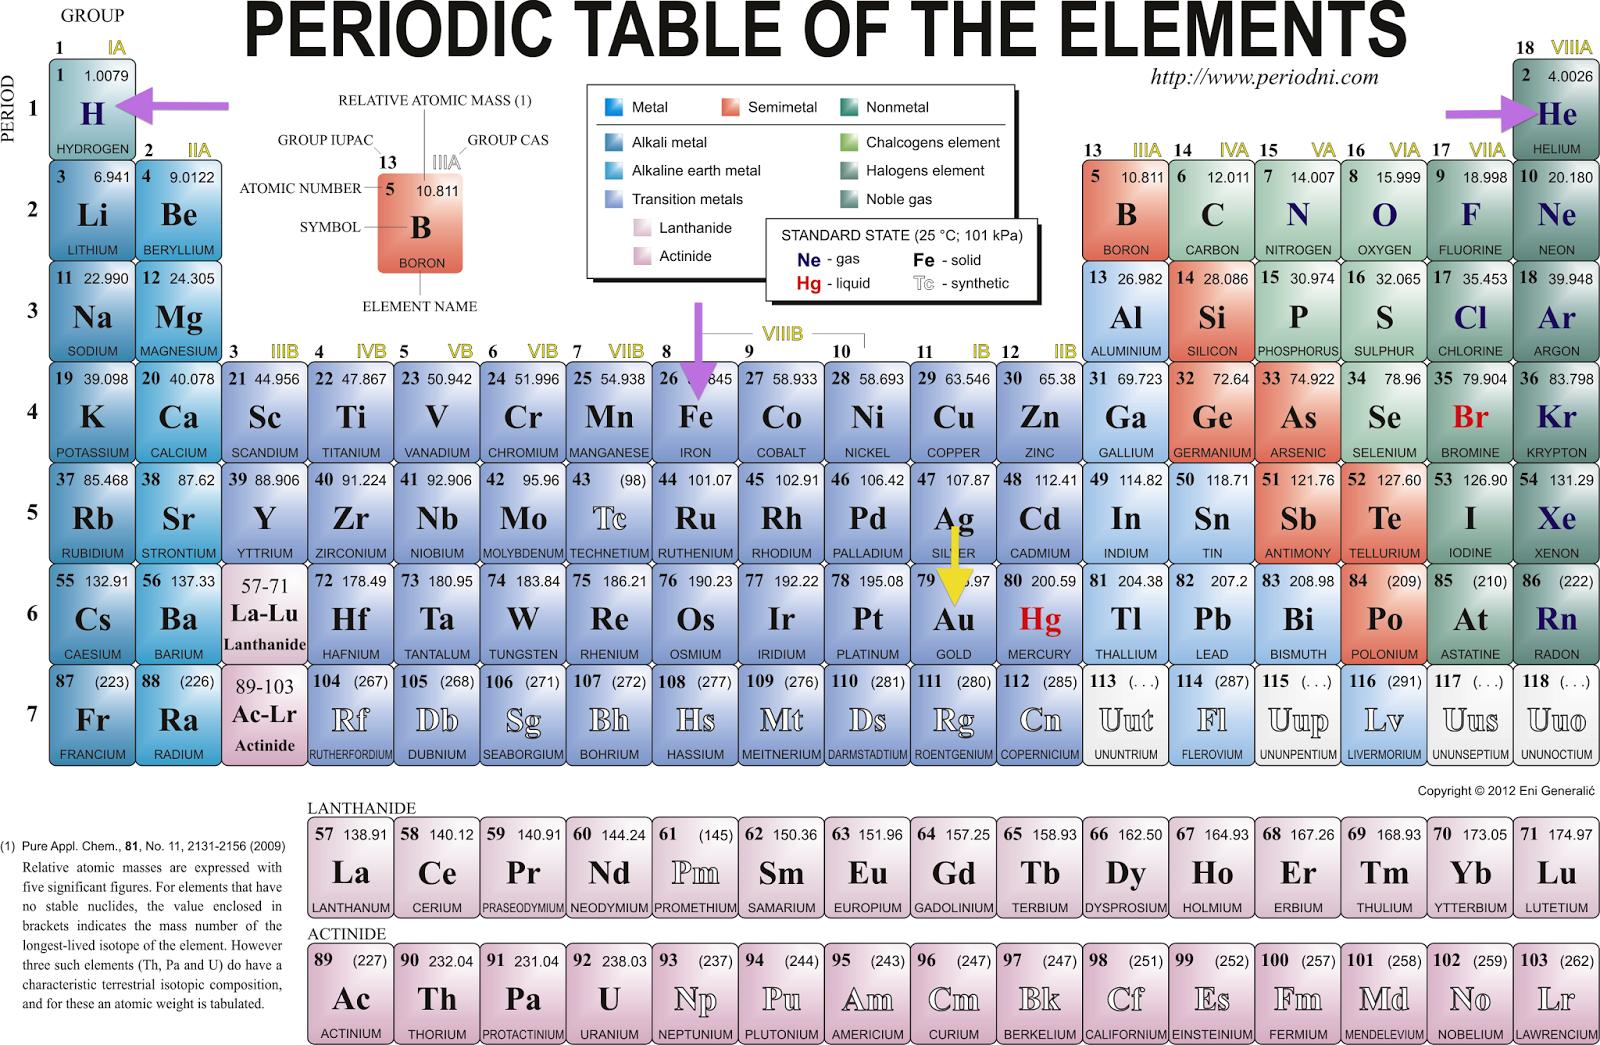 Symbol pb periodic table images hyundai accent wiring diagram lead symbol periodic table image collections periodic table images www dot periodni dot com lead symbol gamestrikefo Image collections